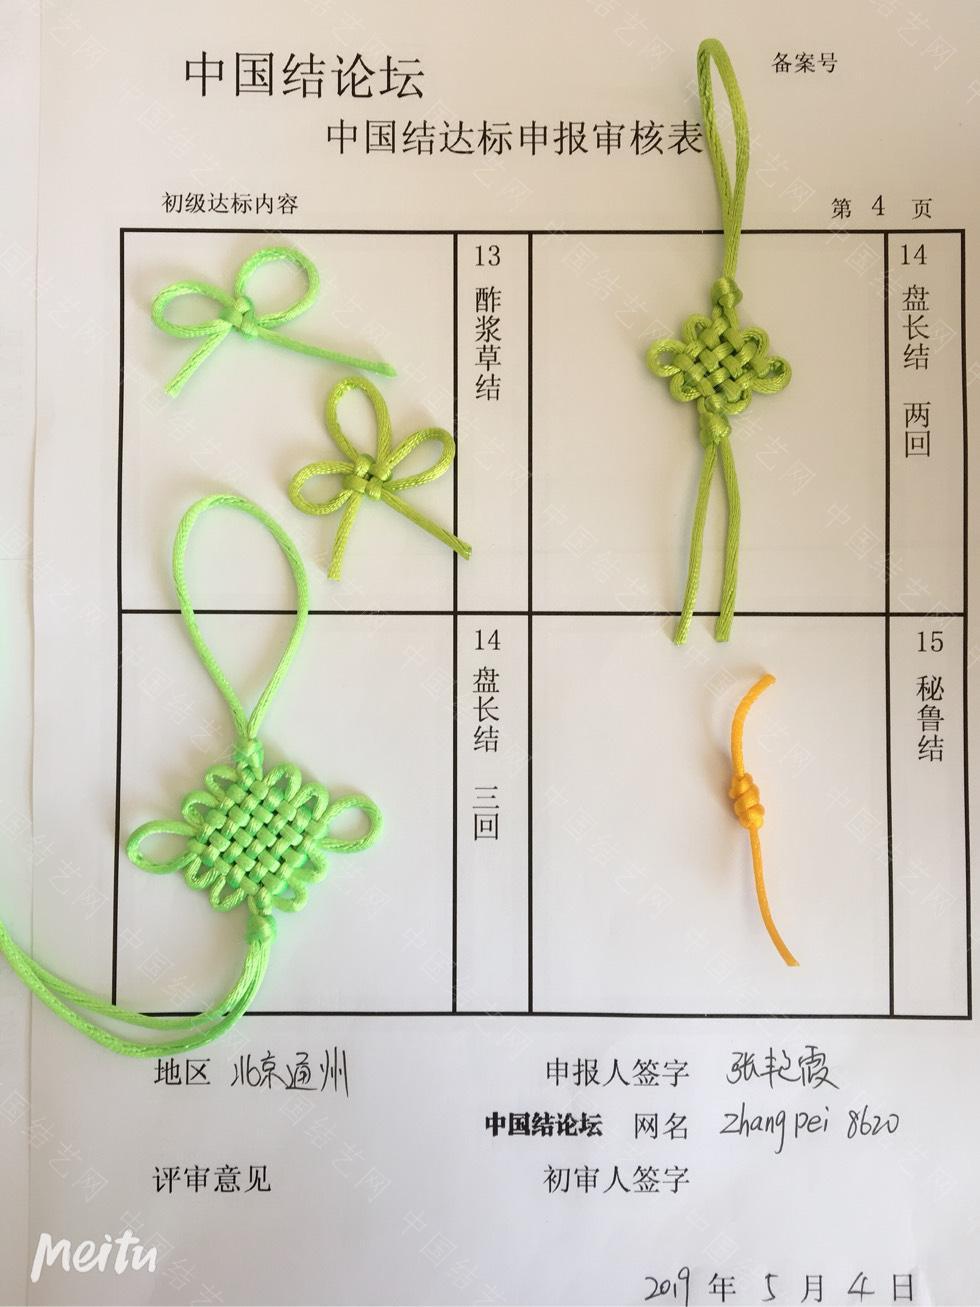 中国结论坛 zhangpei8620-初级考核申请稿件  中国绳结艺术分级达标审核 162433shdnicnnd66y6ccs